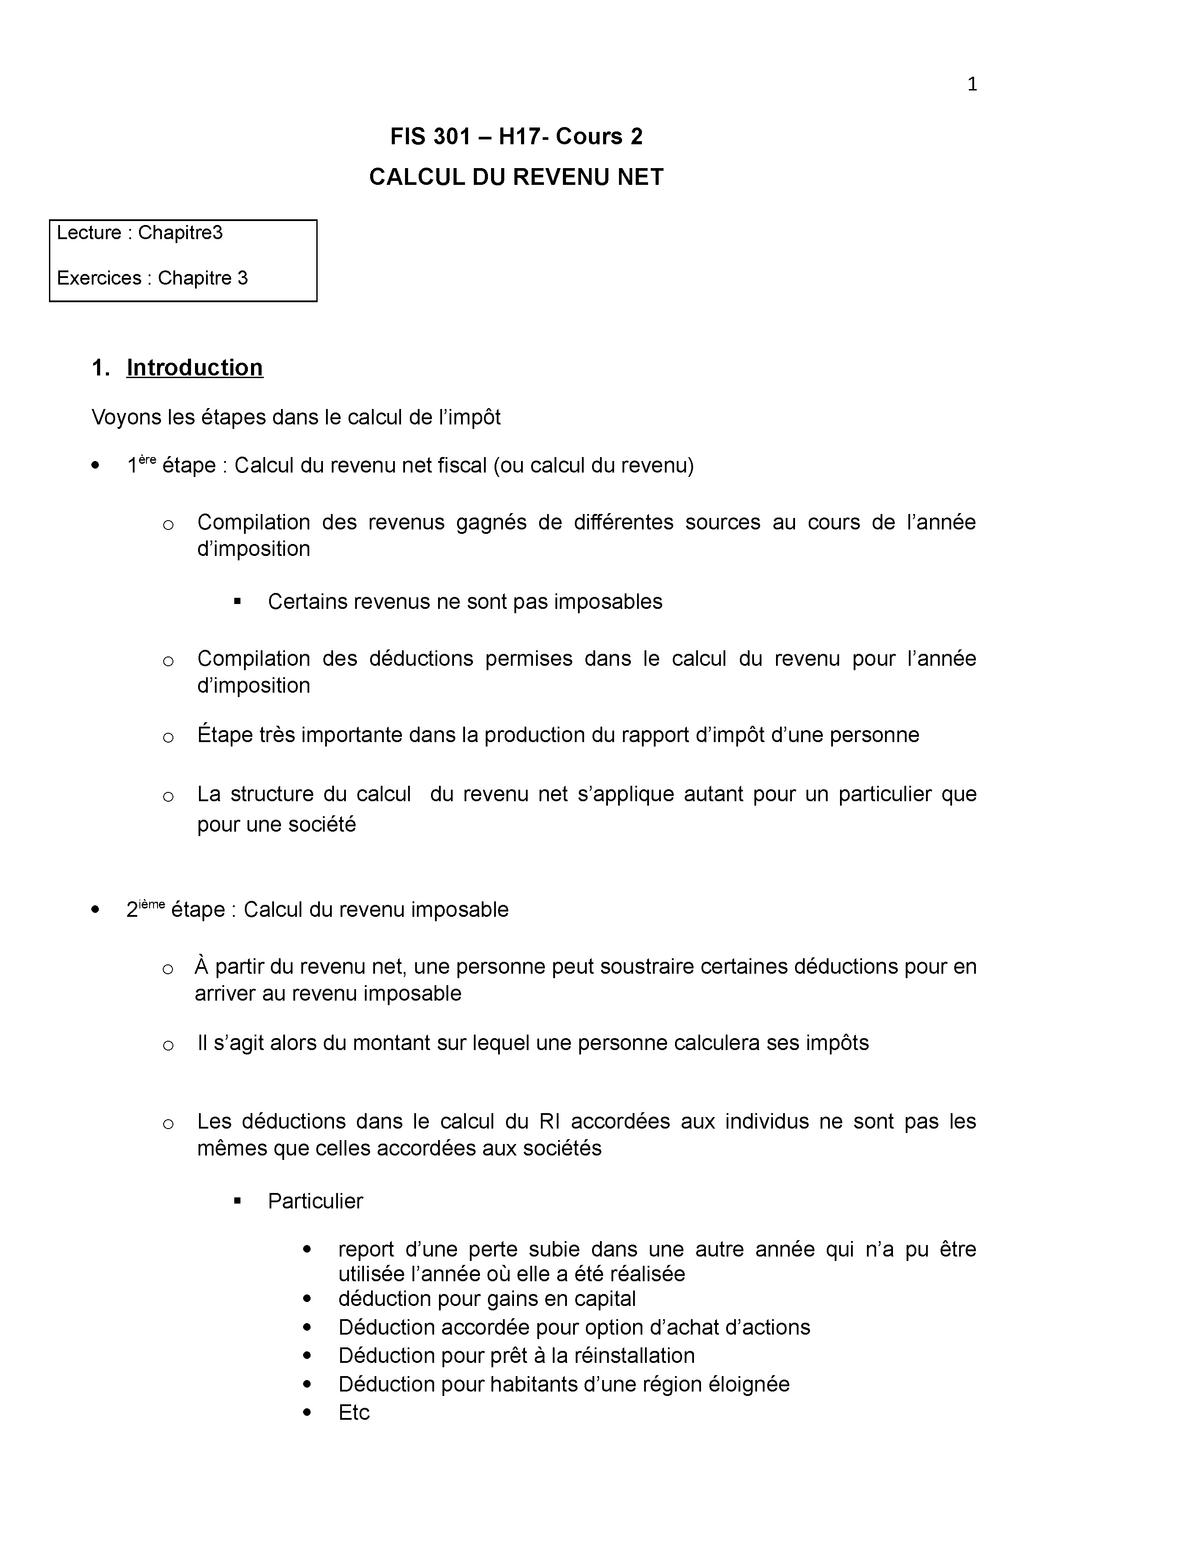 Calcul Des Deductions A La Source Impot Net >> Cours 2 H17 Chapitre 3 Calcul Du Revenu Net Ca Fis301